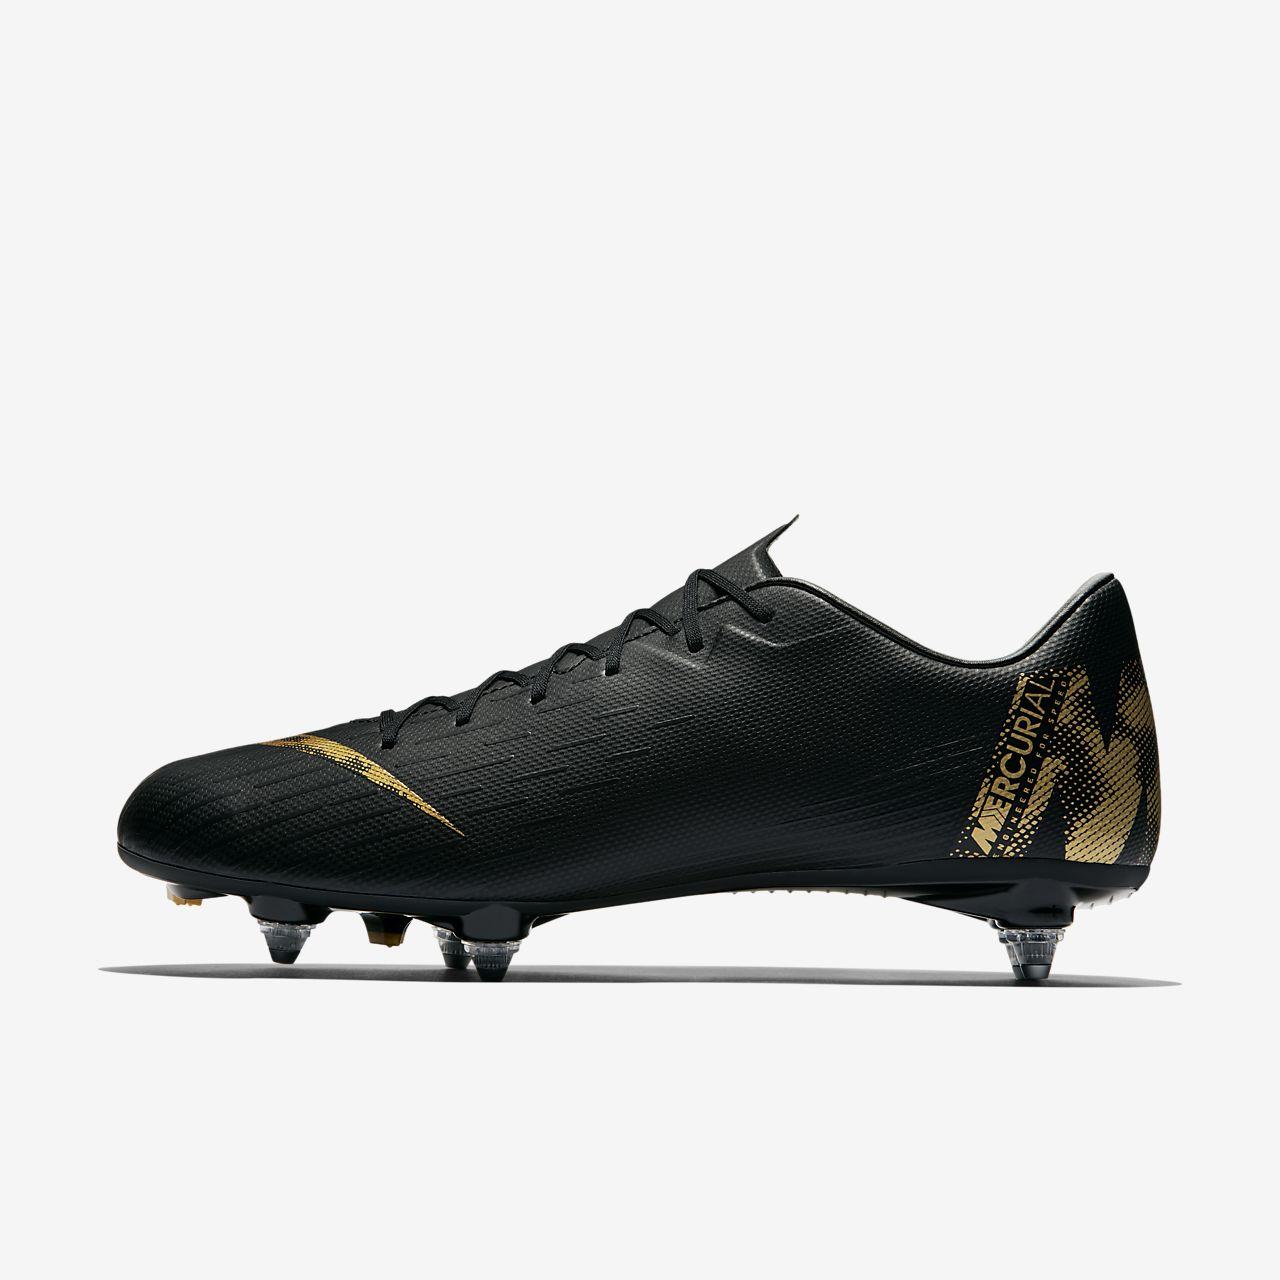 Fotbollssko för vått gräs Nike Mercurial Vapor XII Academy SG-PRO